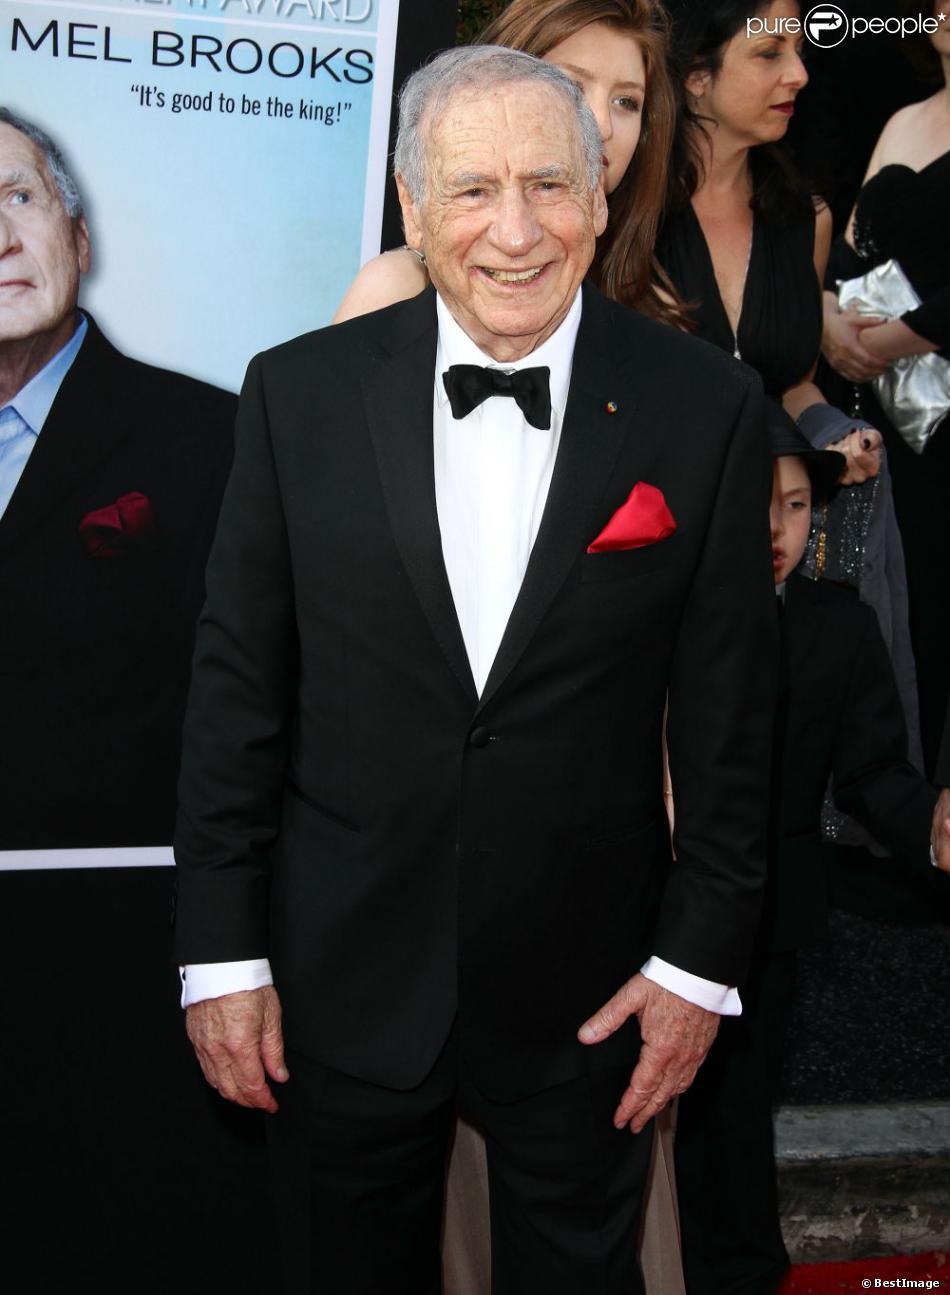 Mel Brooks pendant sa soirée hommage avec le AFI Life Achievement Award décerné à Mel Brooks au Dolby Theatre d'Hollywood, le 6 juin 2013.